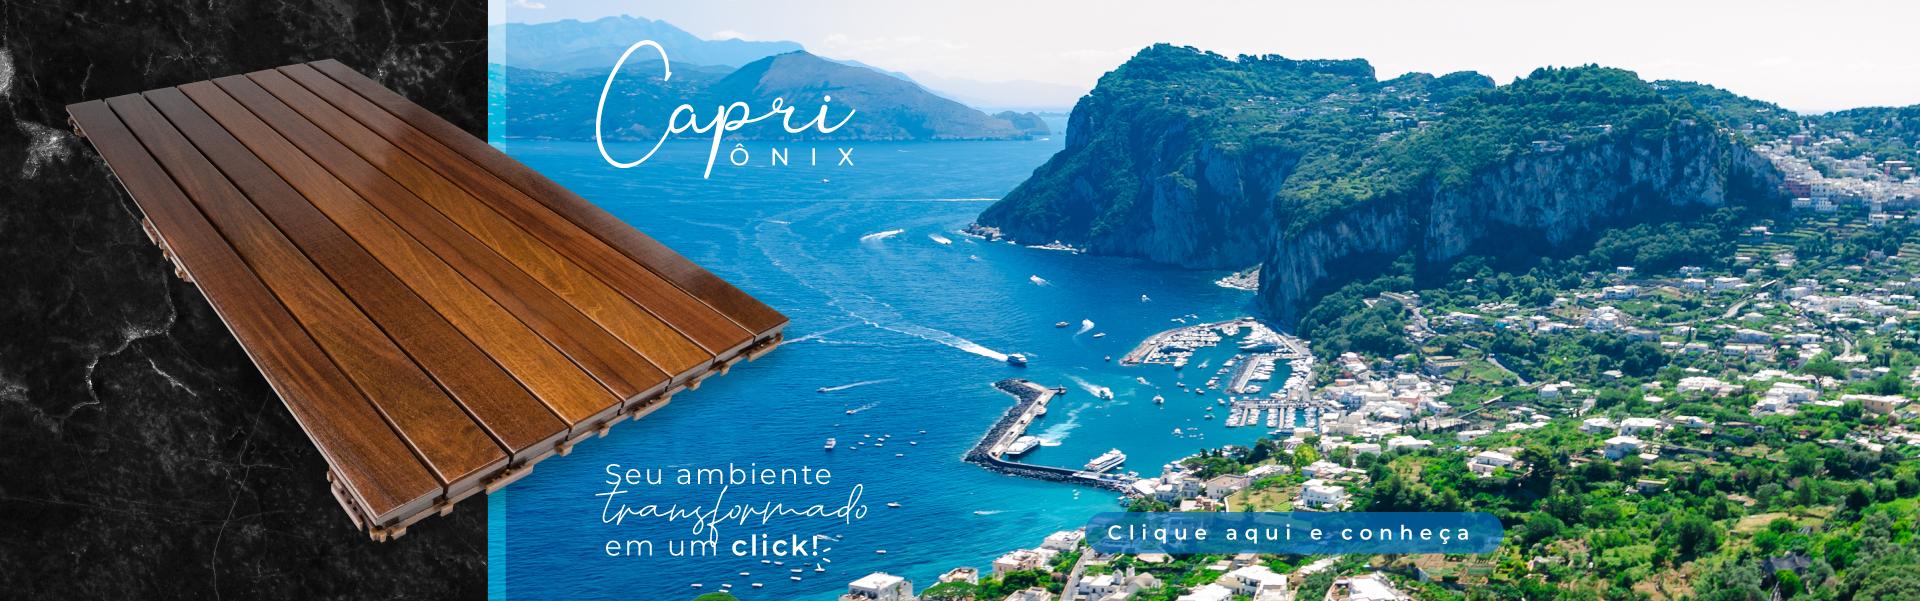 Capri Ônix